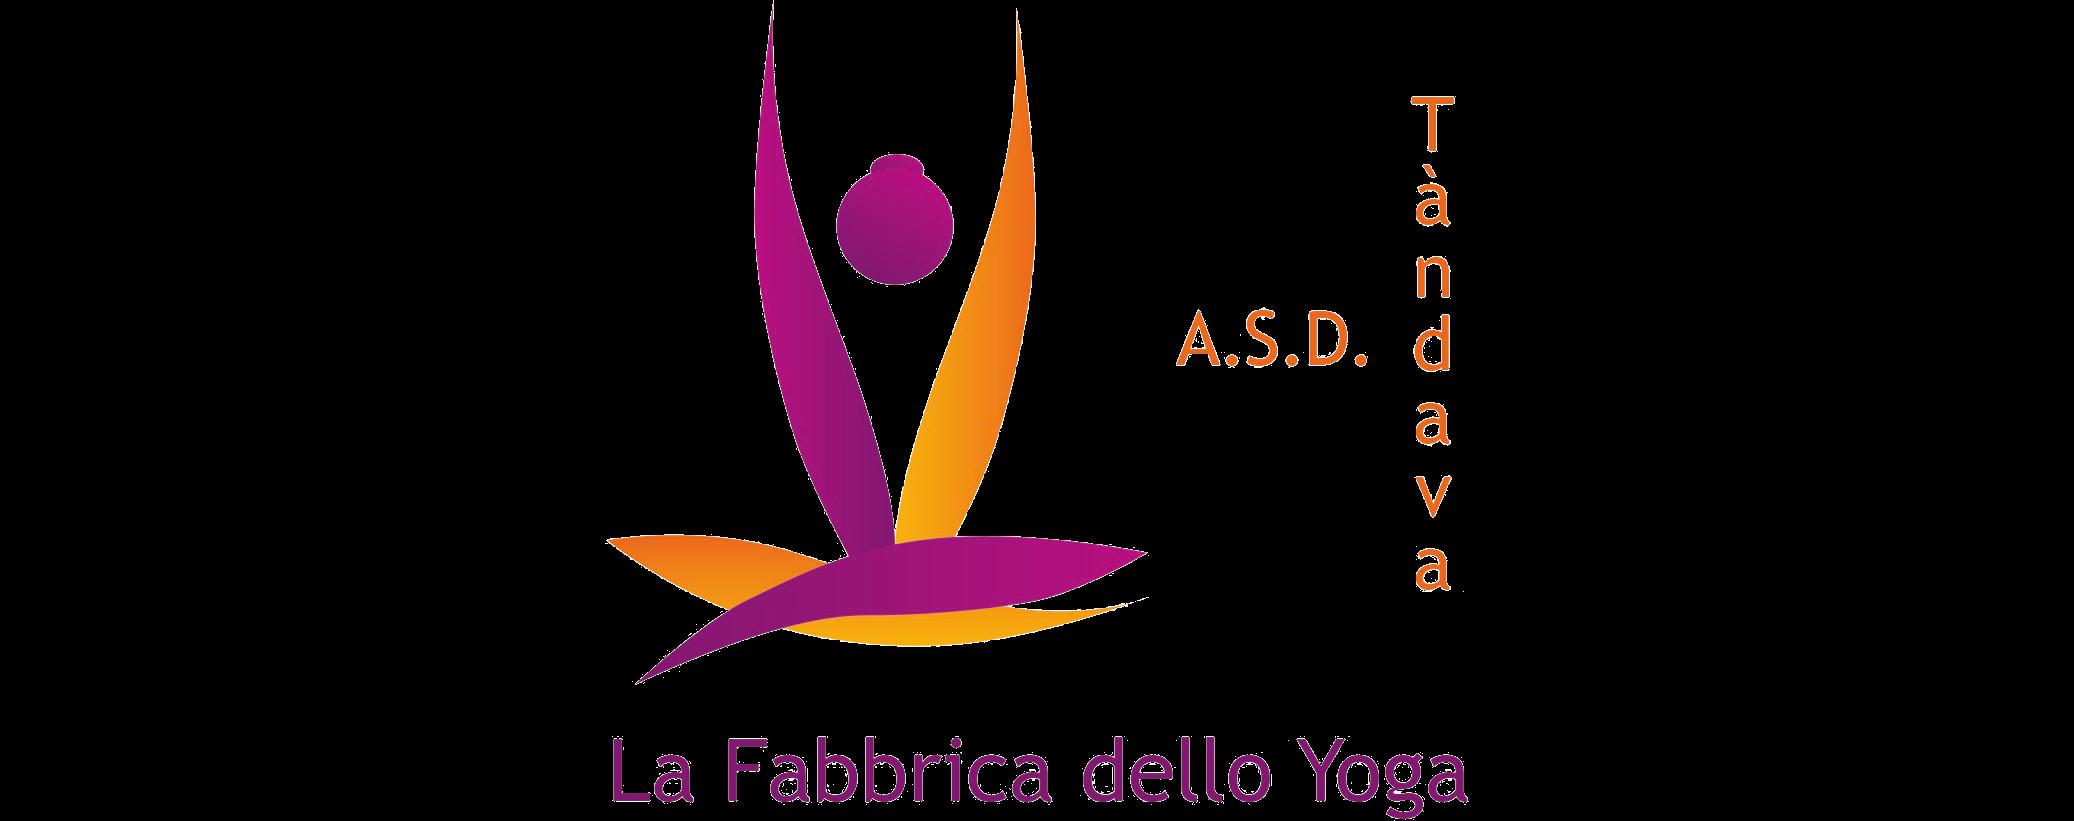 La fabbrica dello Yoga